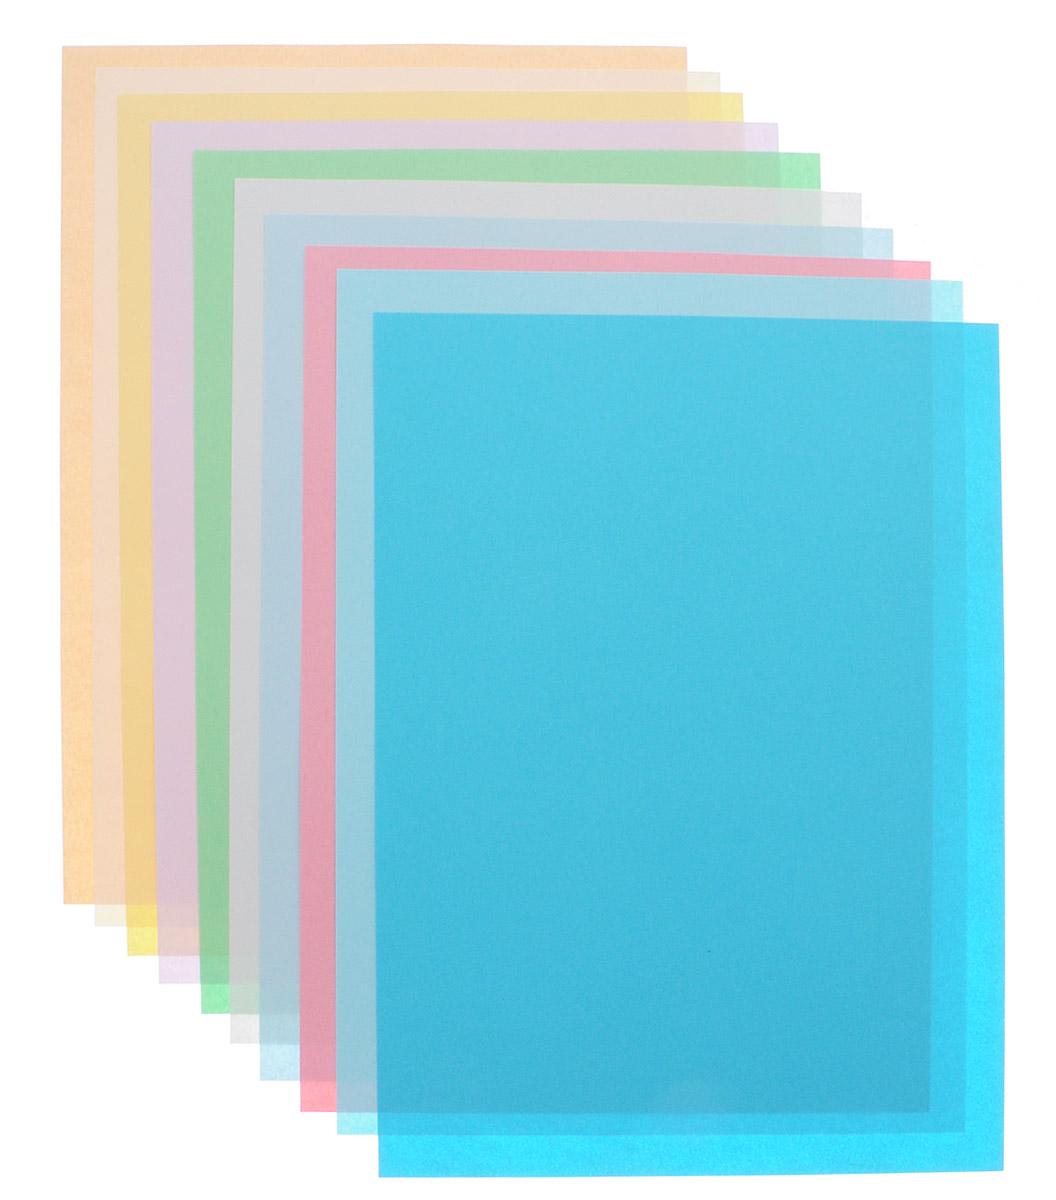 Набор цветной мелованной бумаги Silwerhof позволит создавать всевозможные аппликации и поделки. Набор состоит из двух папок по 10 листов в каждой двухсторонней цветной бумаги формата А4.  Создание поделок из цветной бумаги поможет ребенку развить творческие способности, кроме того, это увлекательный досуг.Бумагу можно использовать для поделок оригами. При многоразовом сгибании листа на бумаге не появляются трещины, так как она обладает очень высоким качеством.   Бумага хорошо комбинируется с цветным картоном.